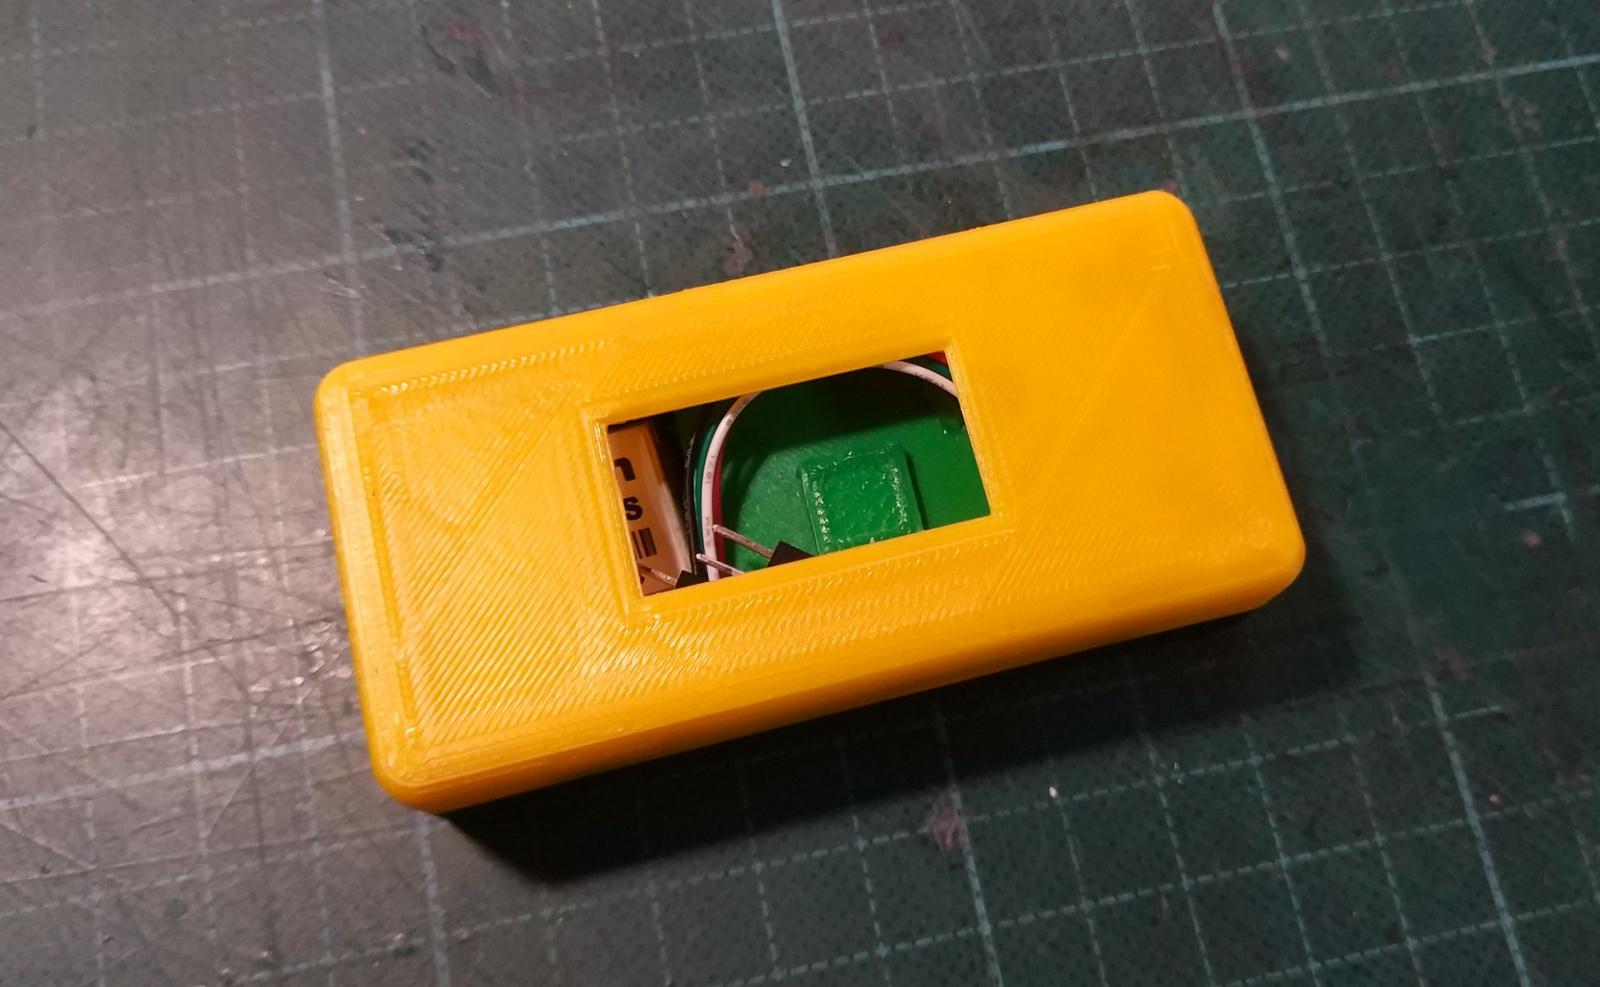 КПК (Карманный Путевой Компьютер): Схемотехника GPS логгера - 4